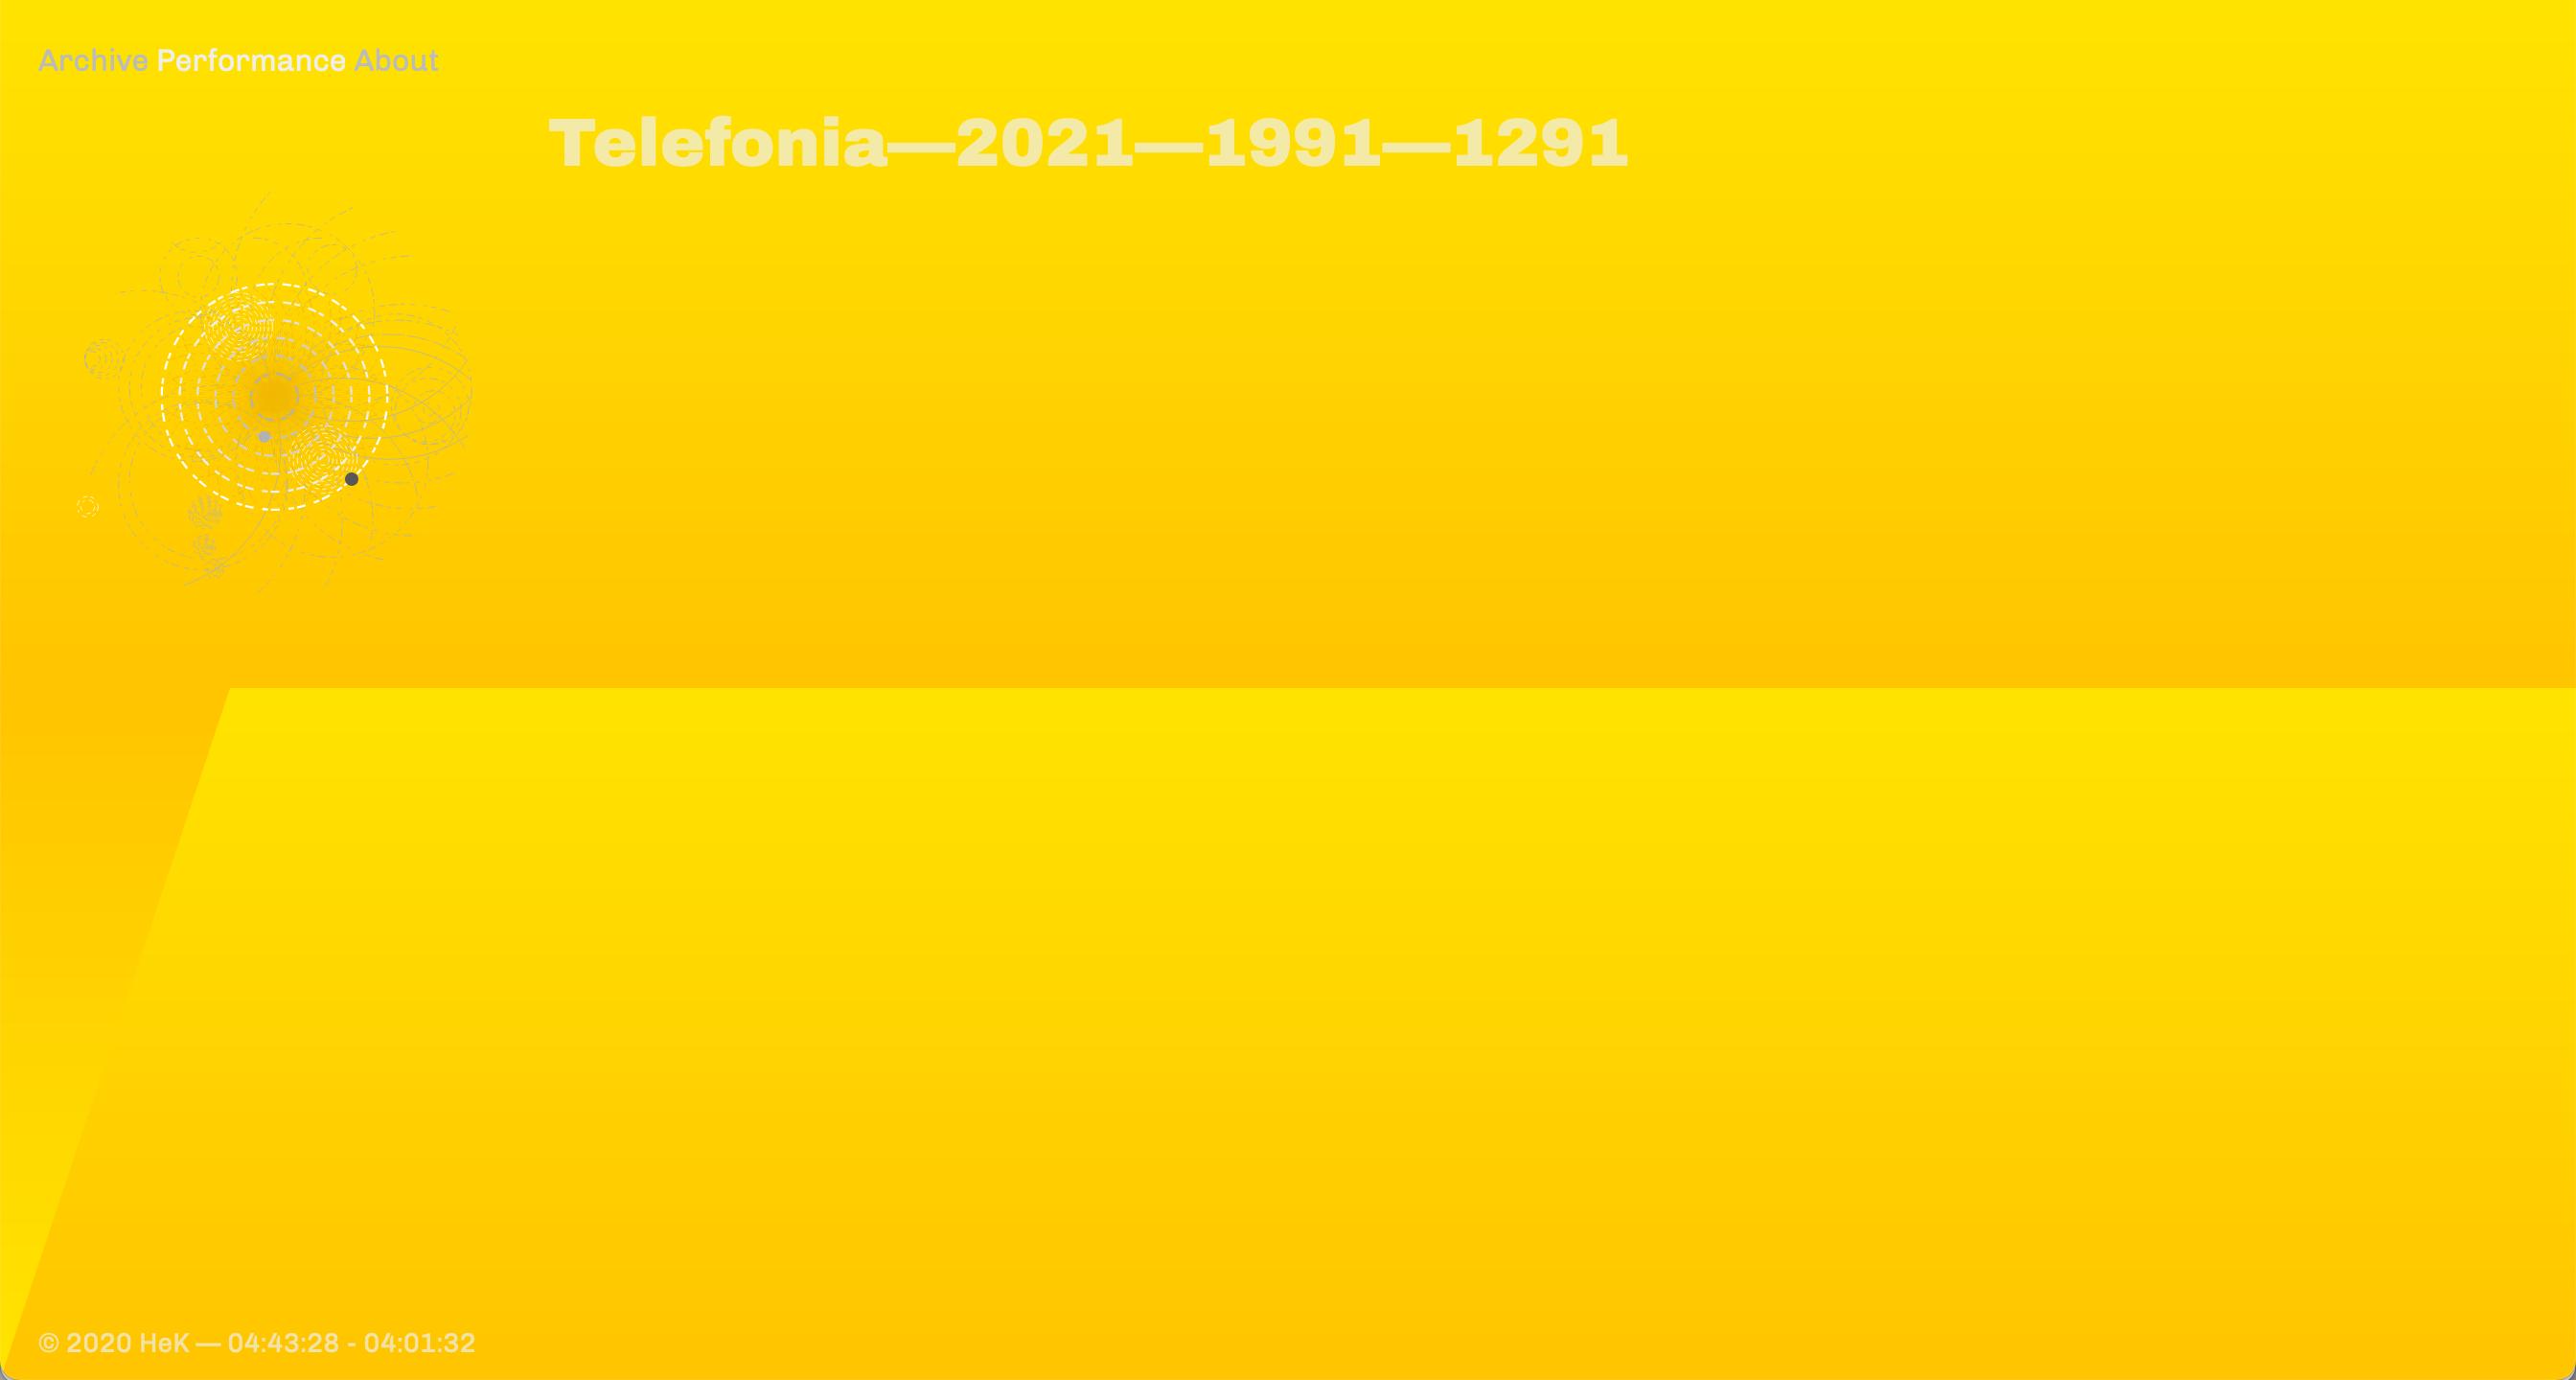 Bildschirmfoto 2021-01-30 um 18.43.29